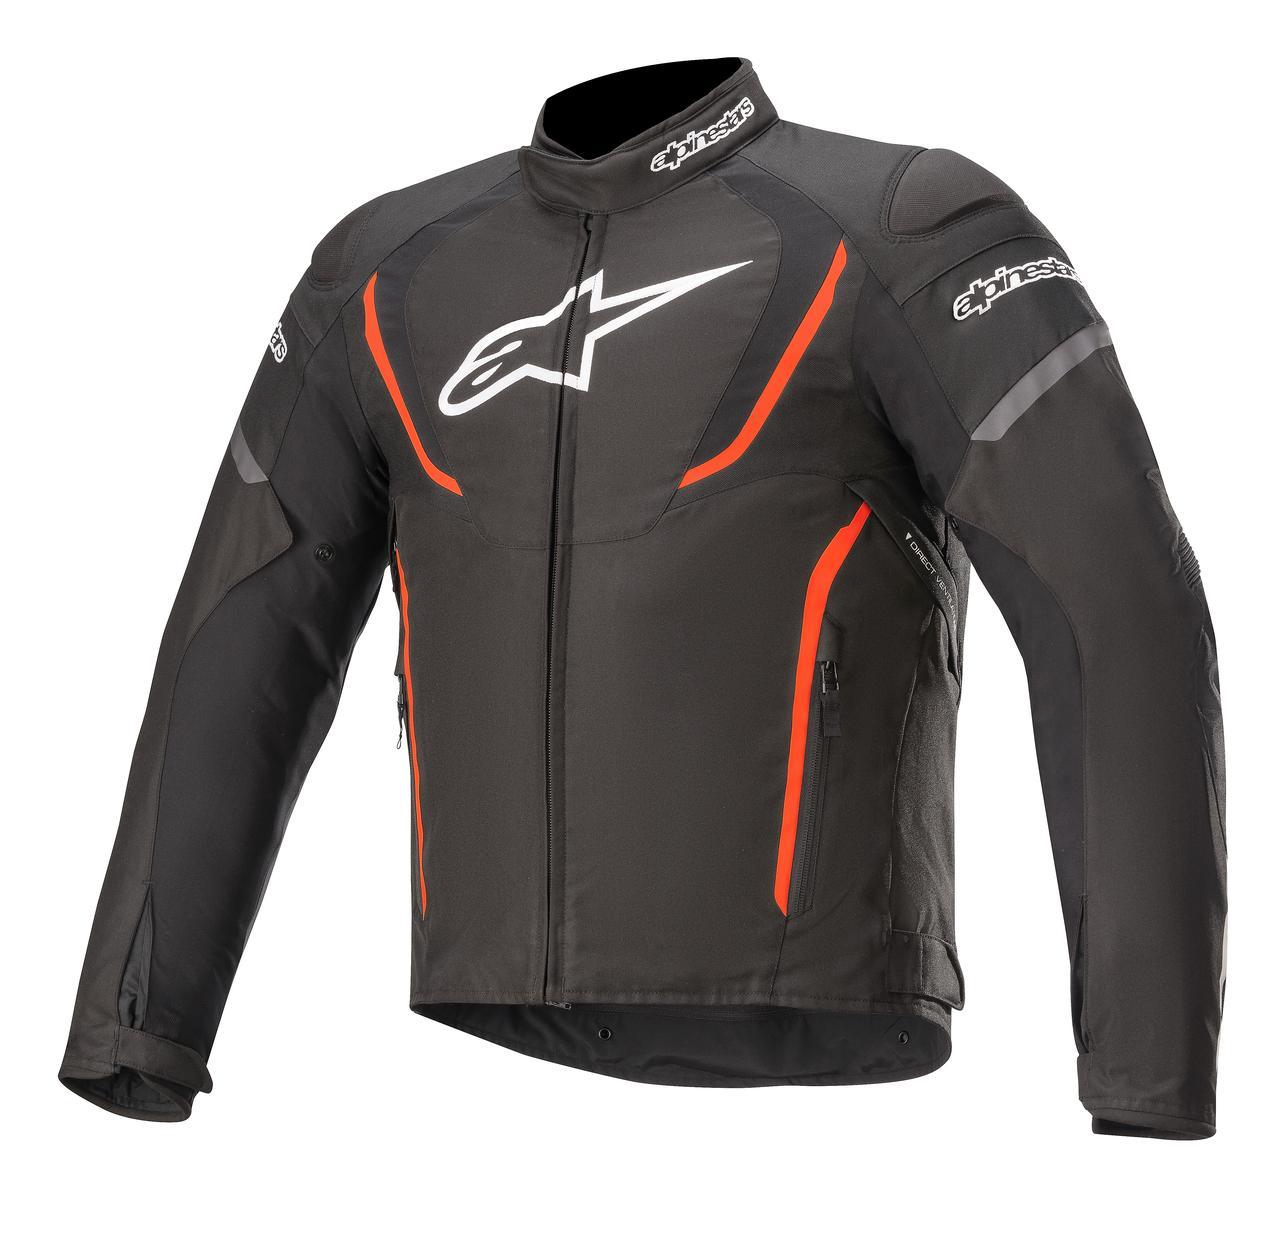 画像5: ベーシックなデザインで着やすい! アルパインスターズから防水仕様の3シーズンジャケットが新たに登場